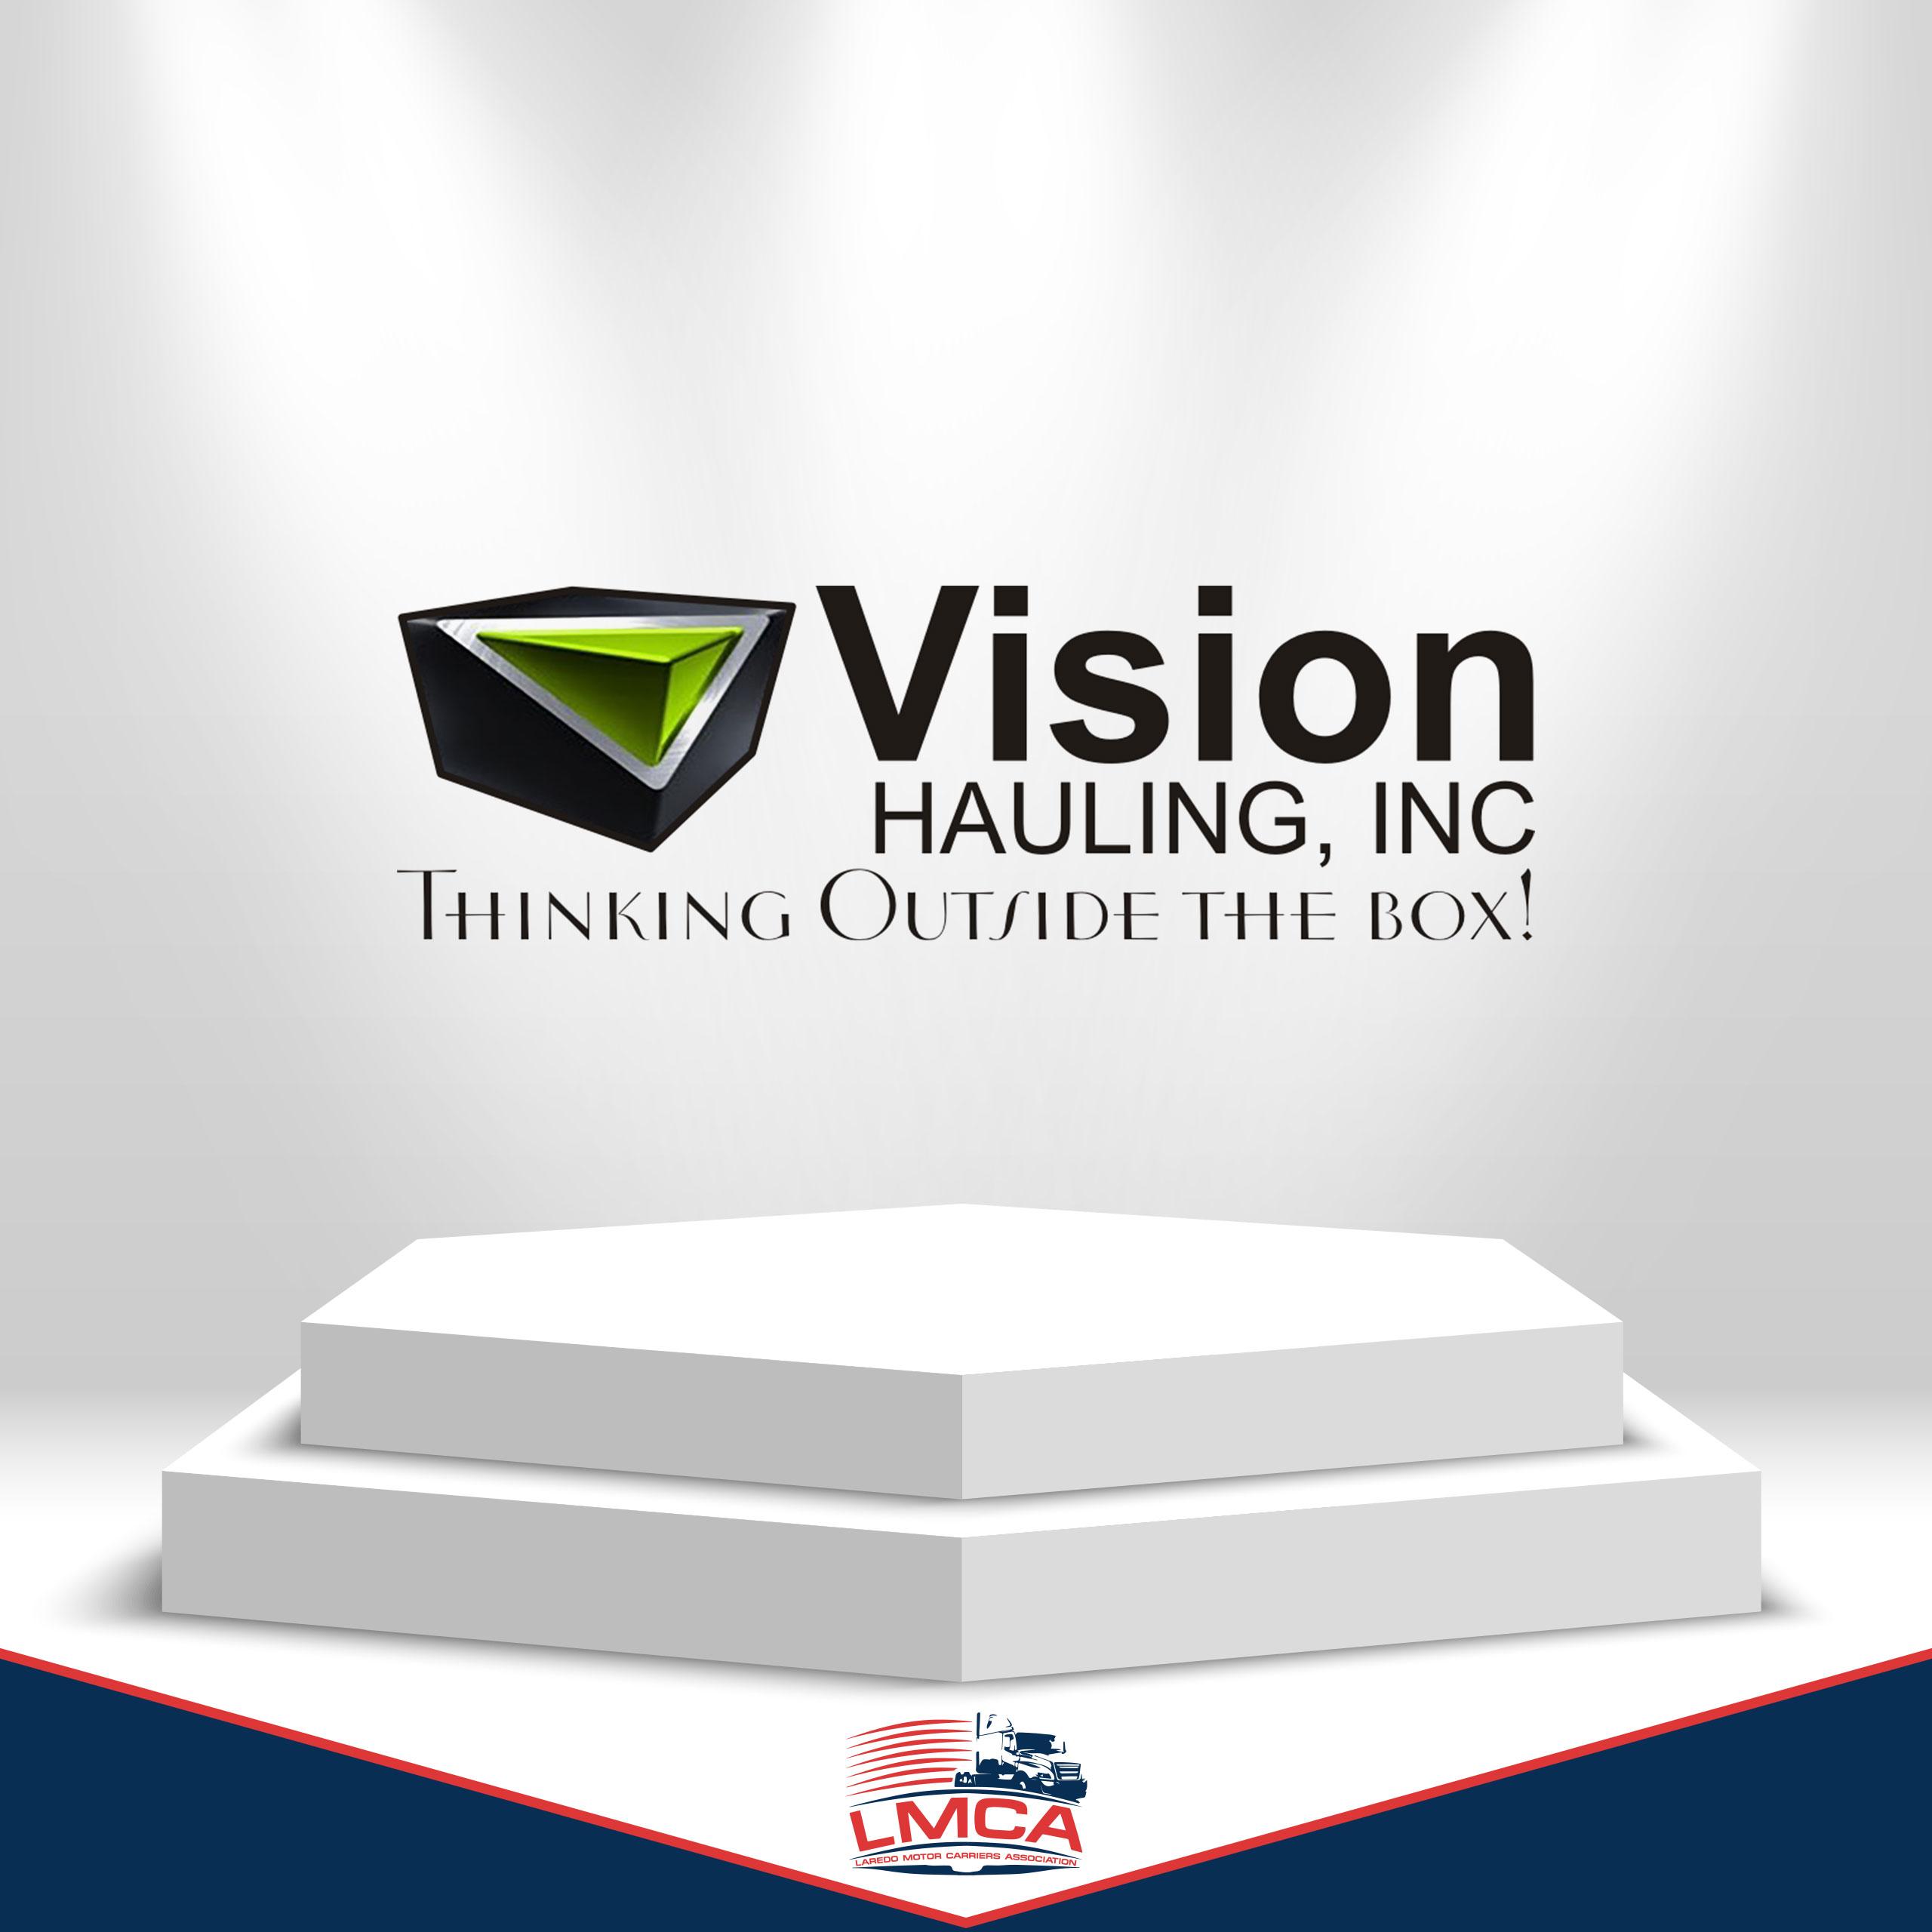 vision-hailing-logo